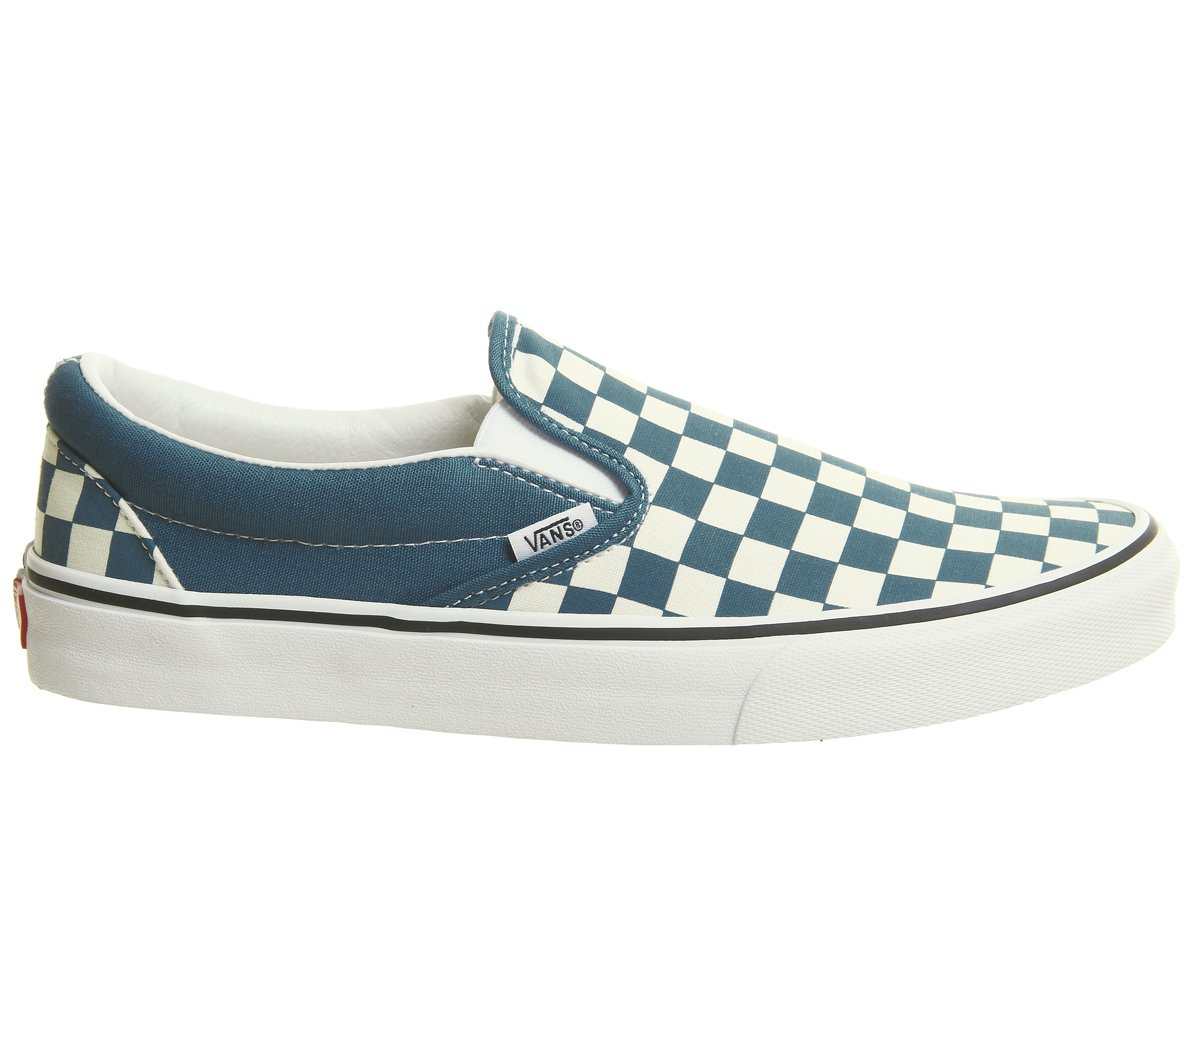 Vans Unisex Classic (Checkerboard) Slip-On Skate Shoe B078YC65D9 5.5 M US Women / 4 M US Men|Corsair True White